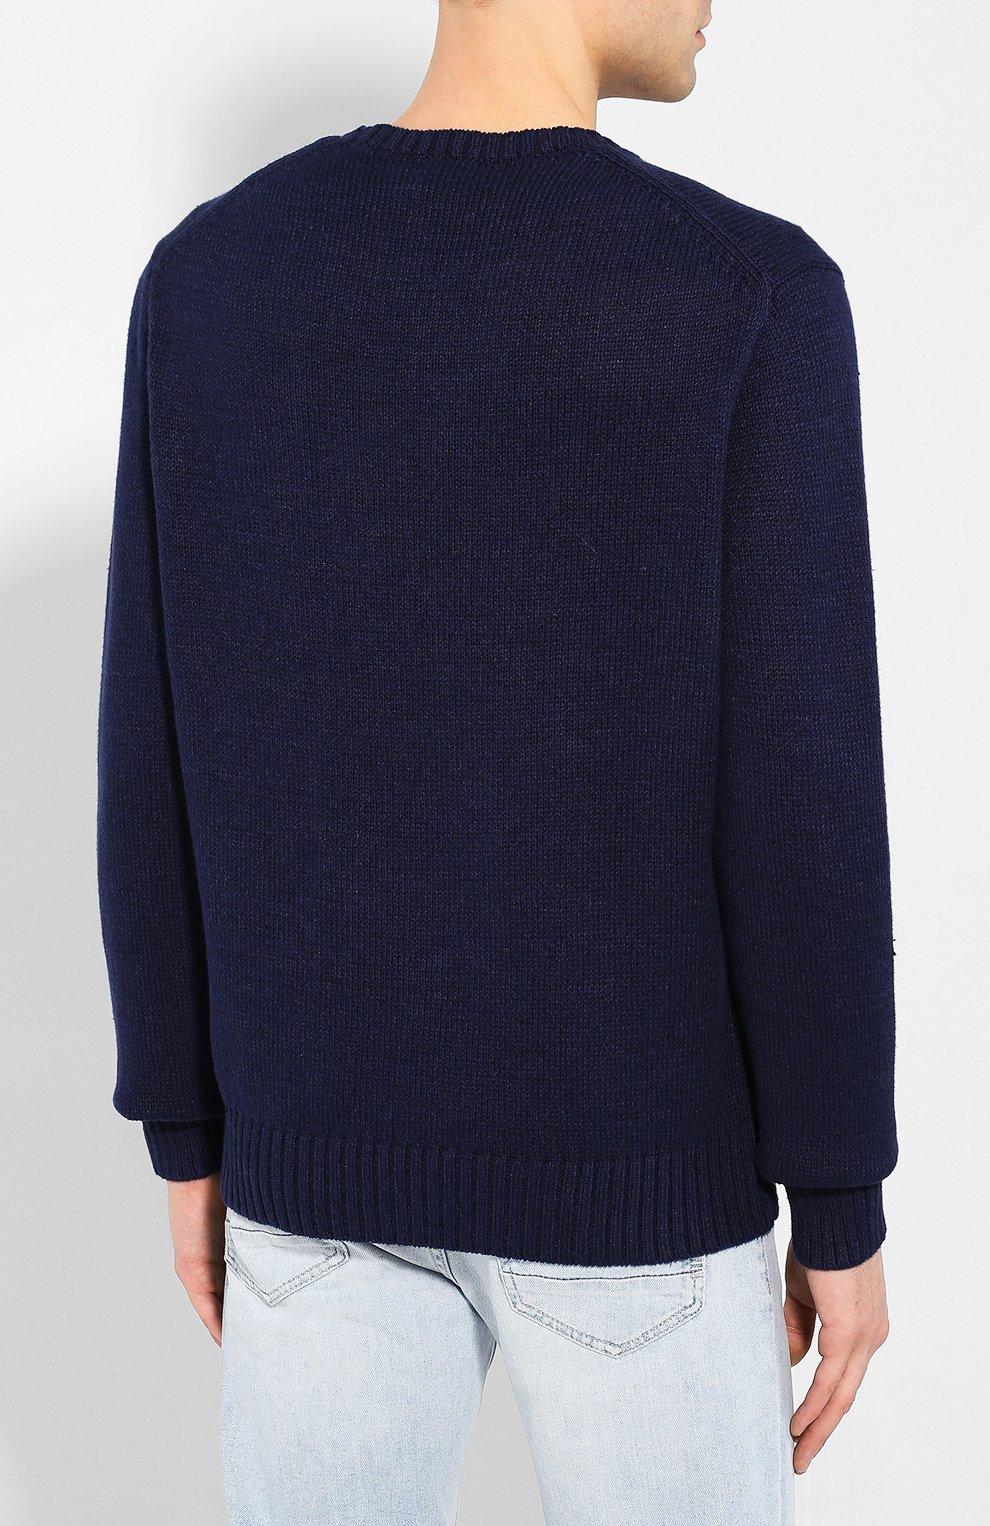 Мужской свитер из смеси хлопка и льна POLO RALPH LAUREN темно-синего цвета, арт. 710786686 | Фото 4